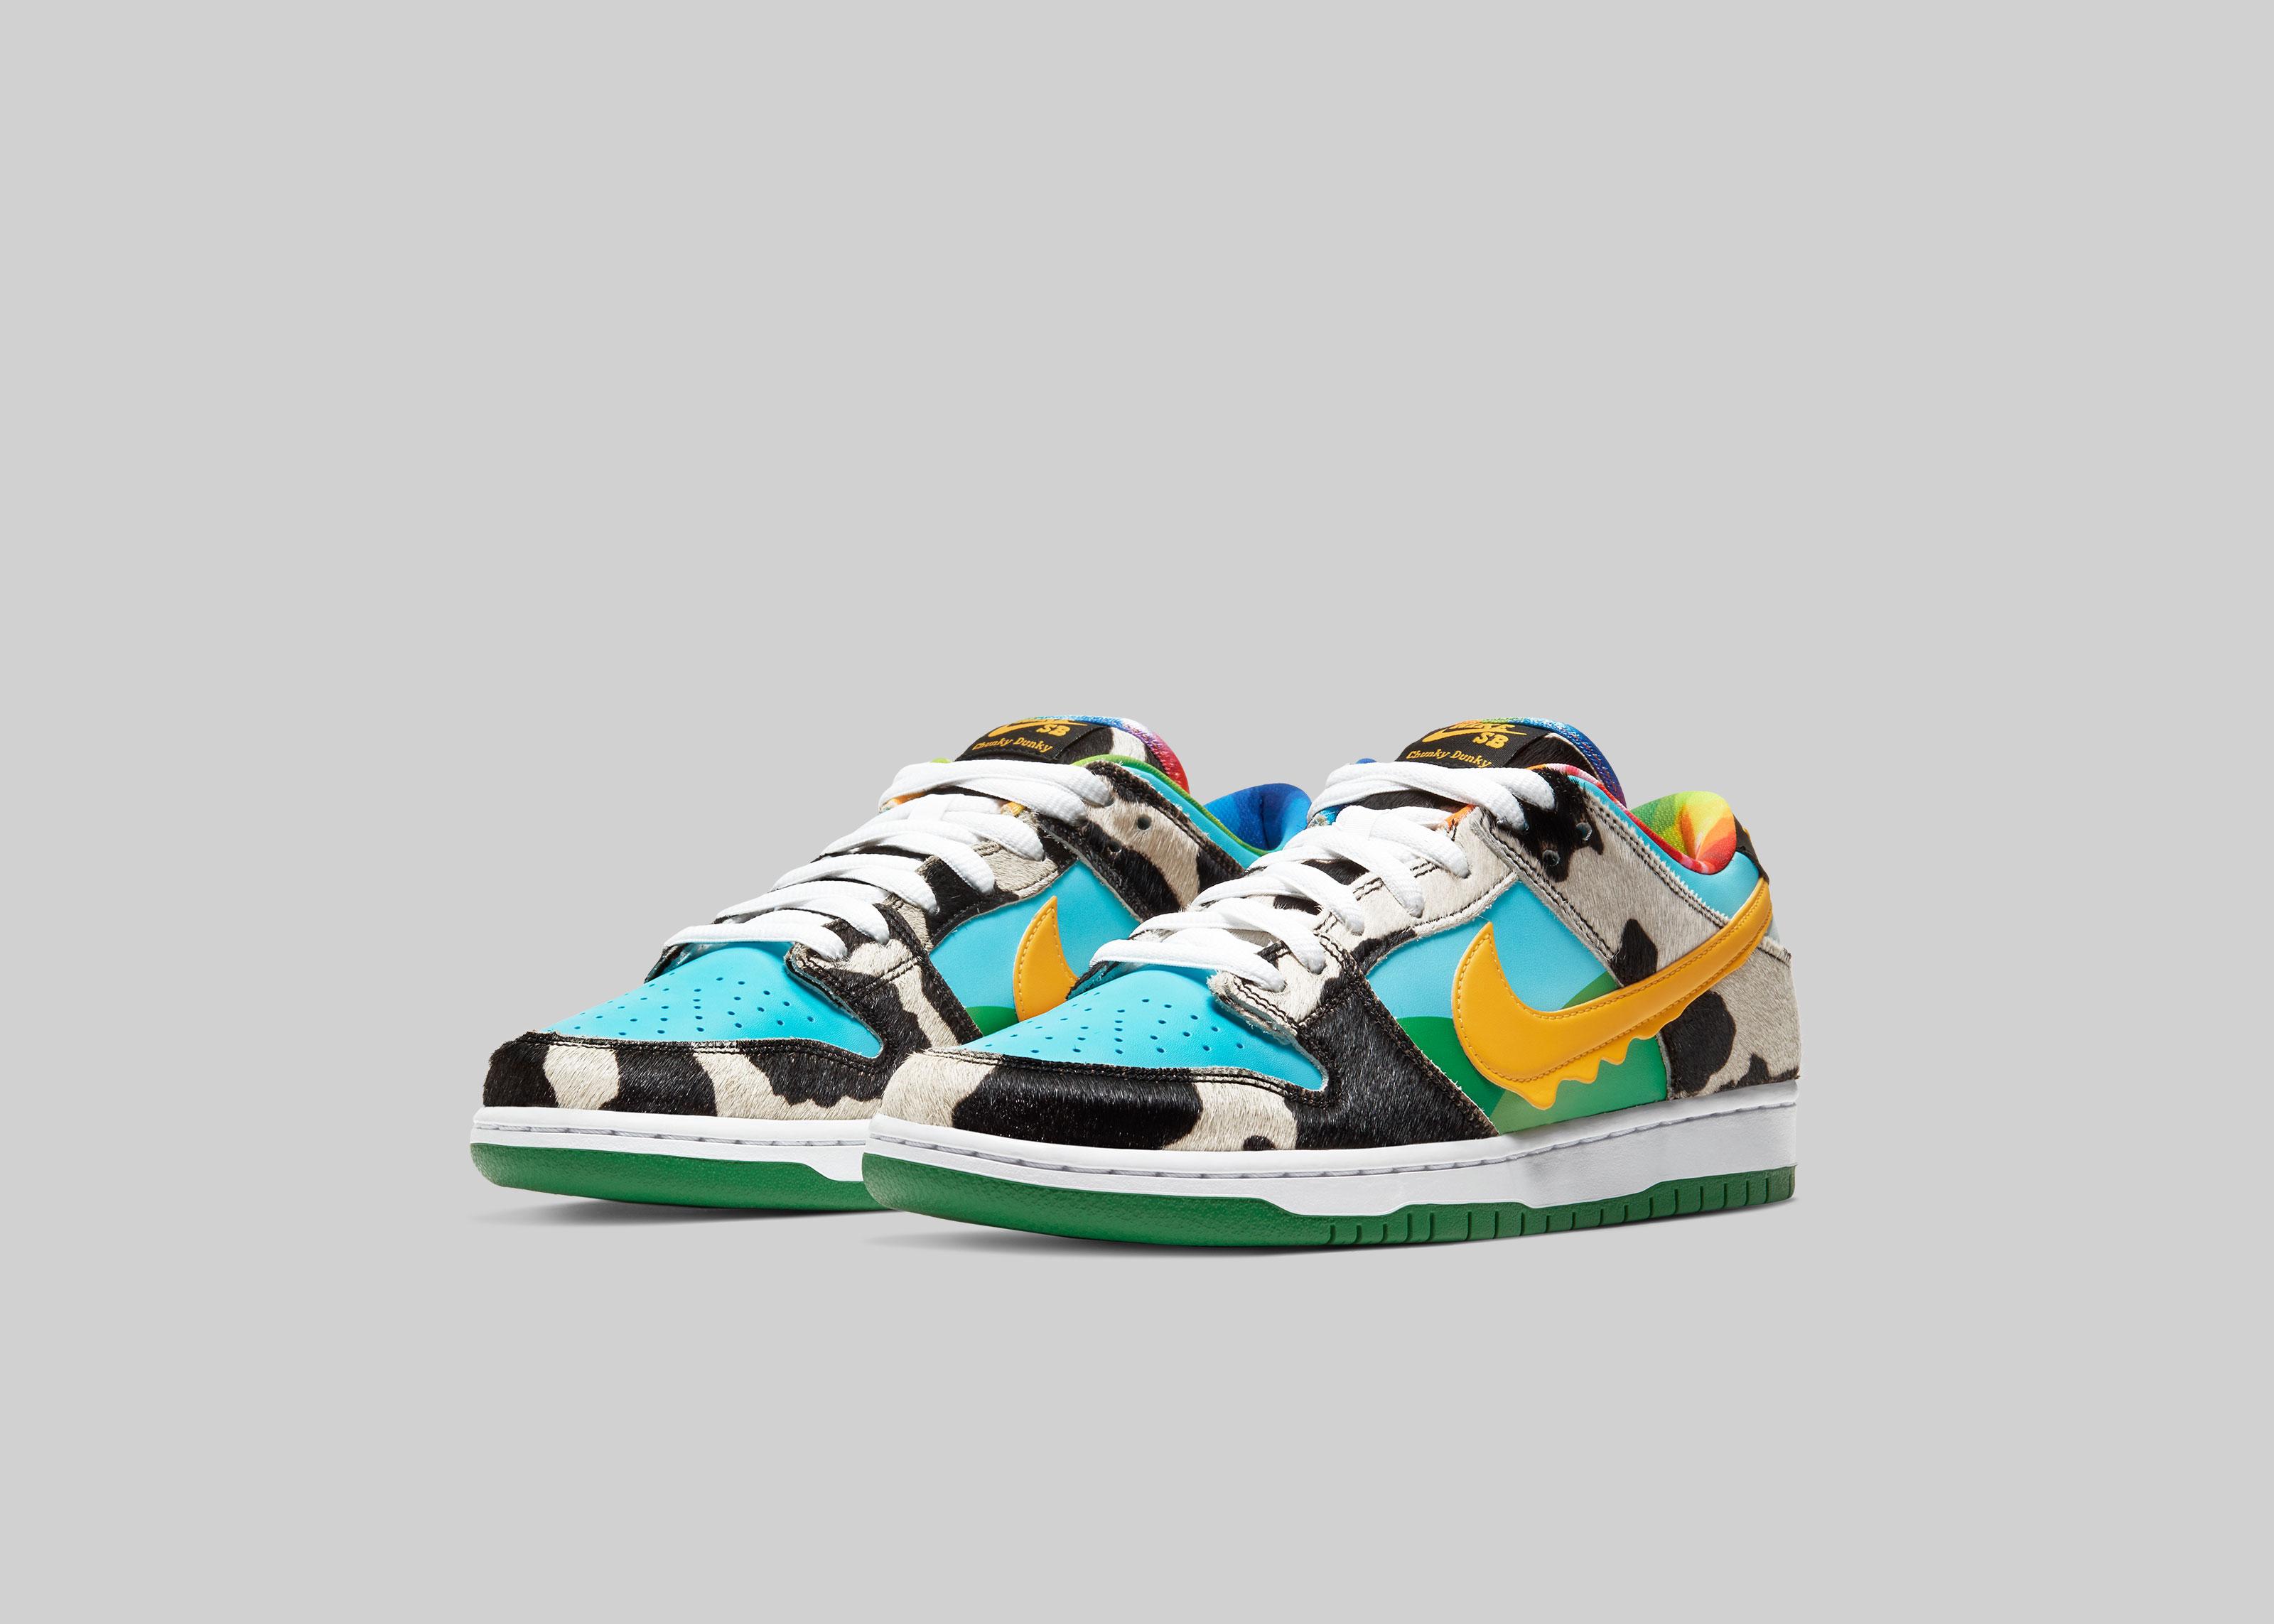 NikeNews_FeaturedFootwear_NikeSB_DunkLowPro_BenJerrys_7_95616